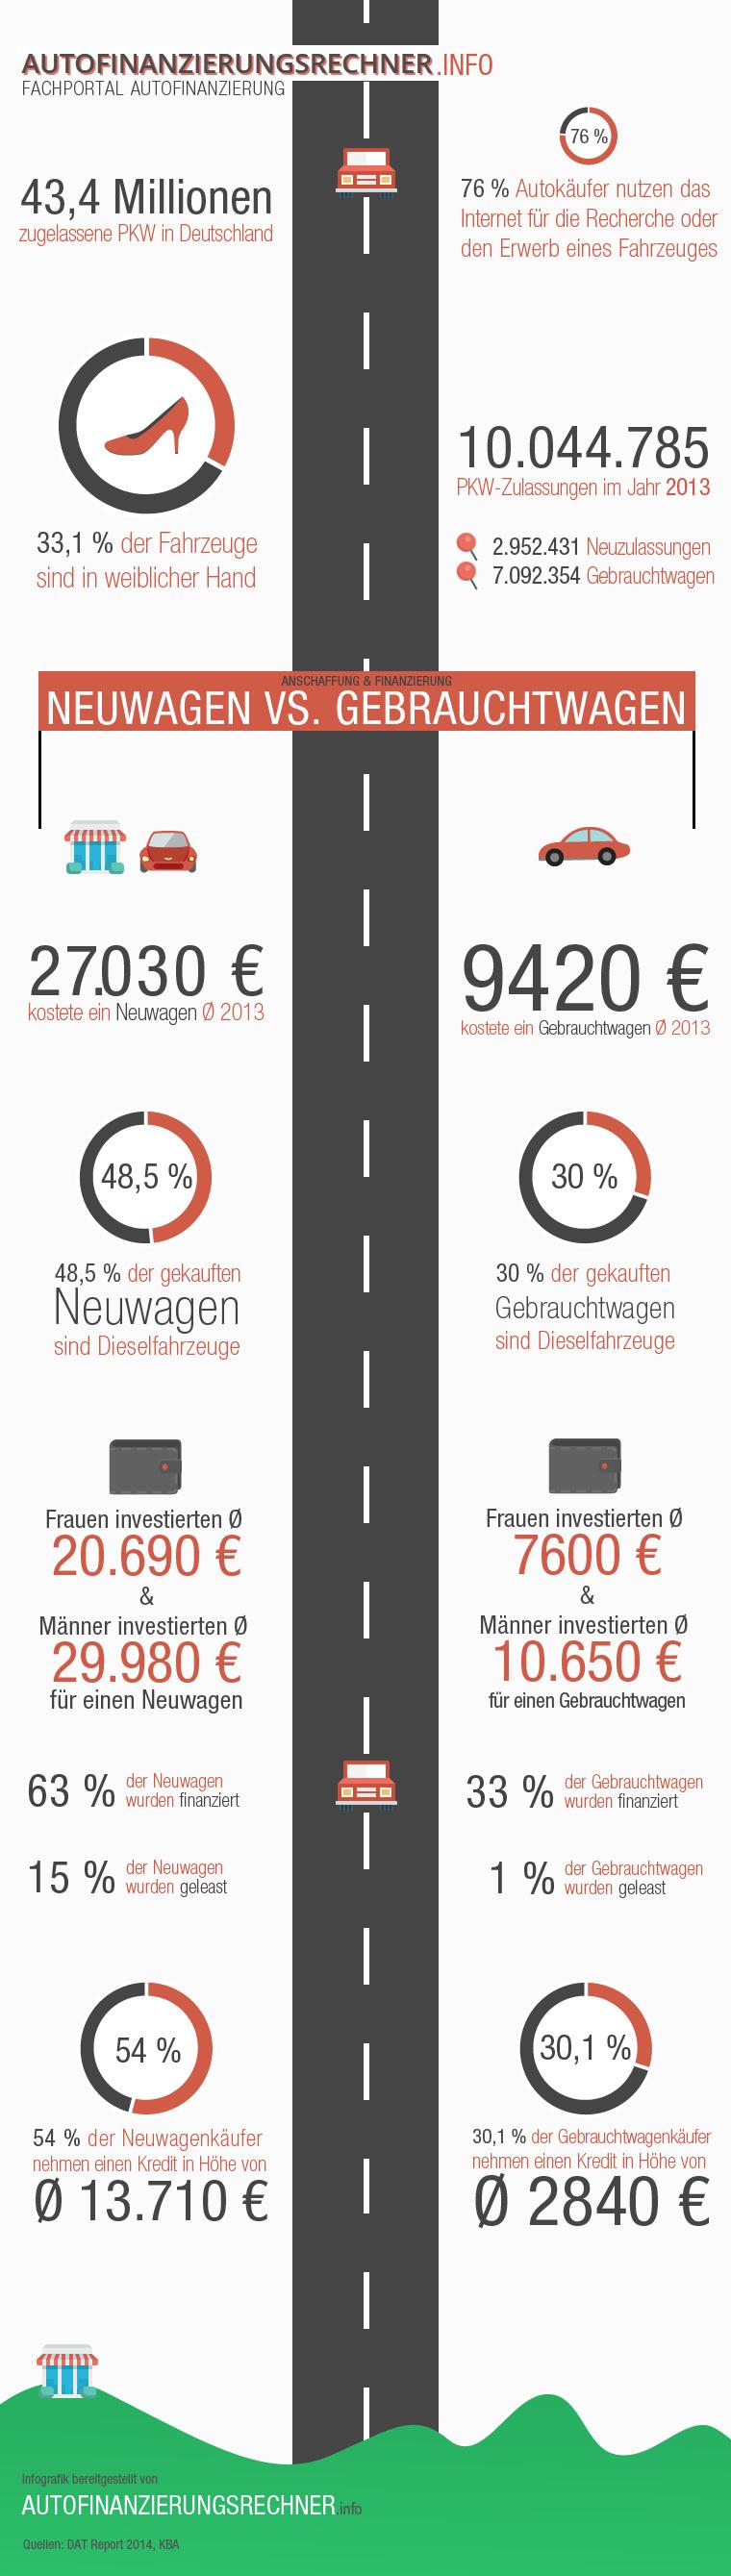 Infografik Auto in Deutschland